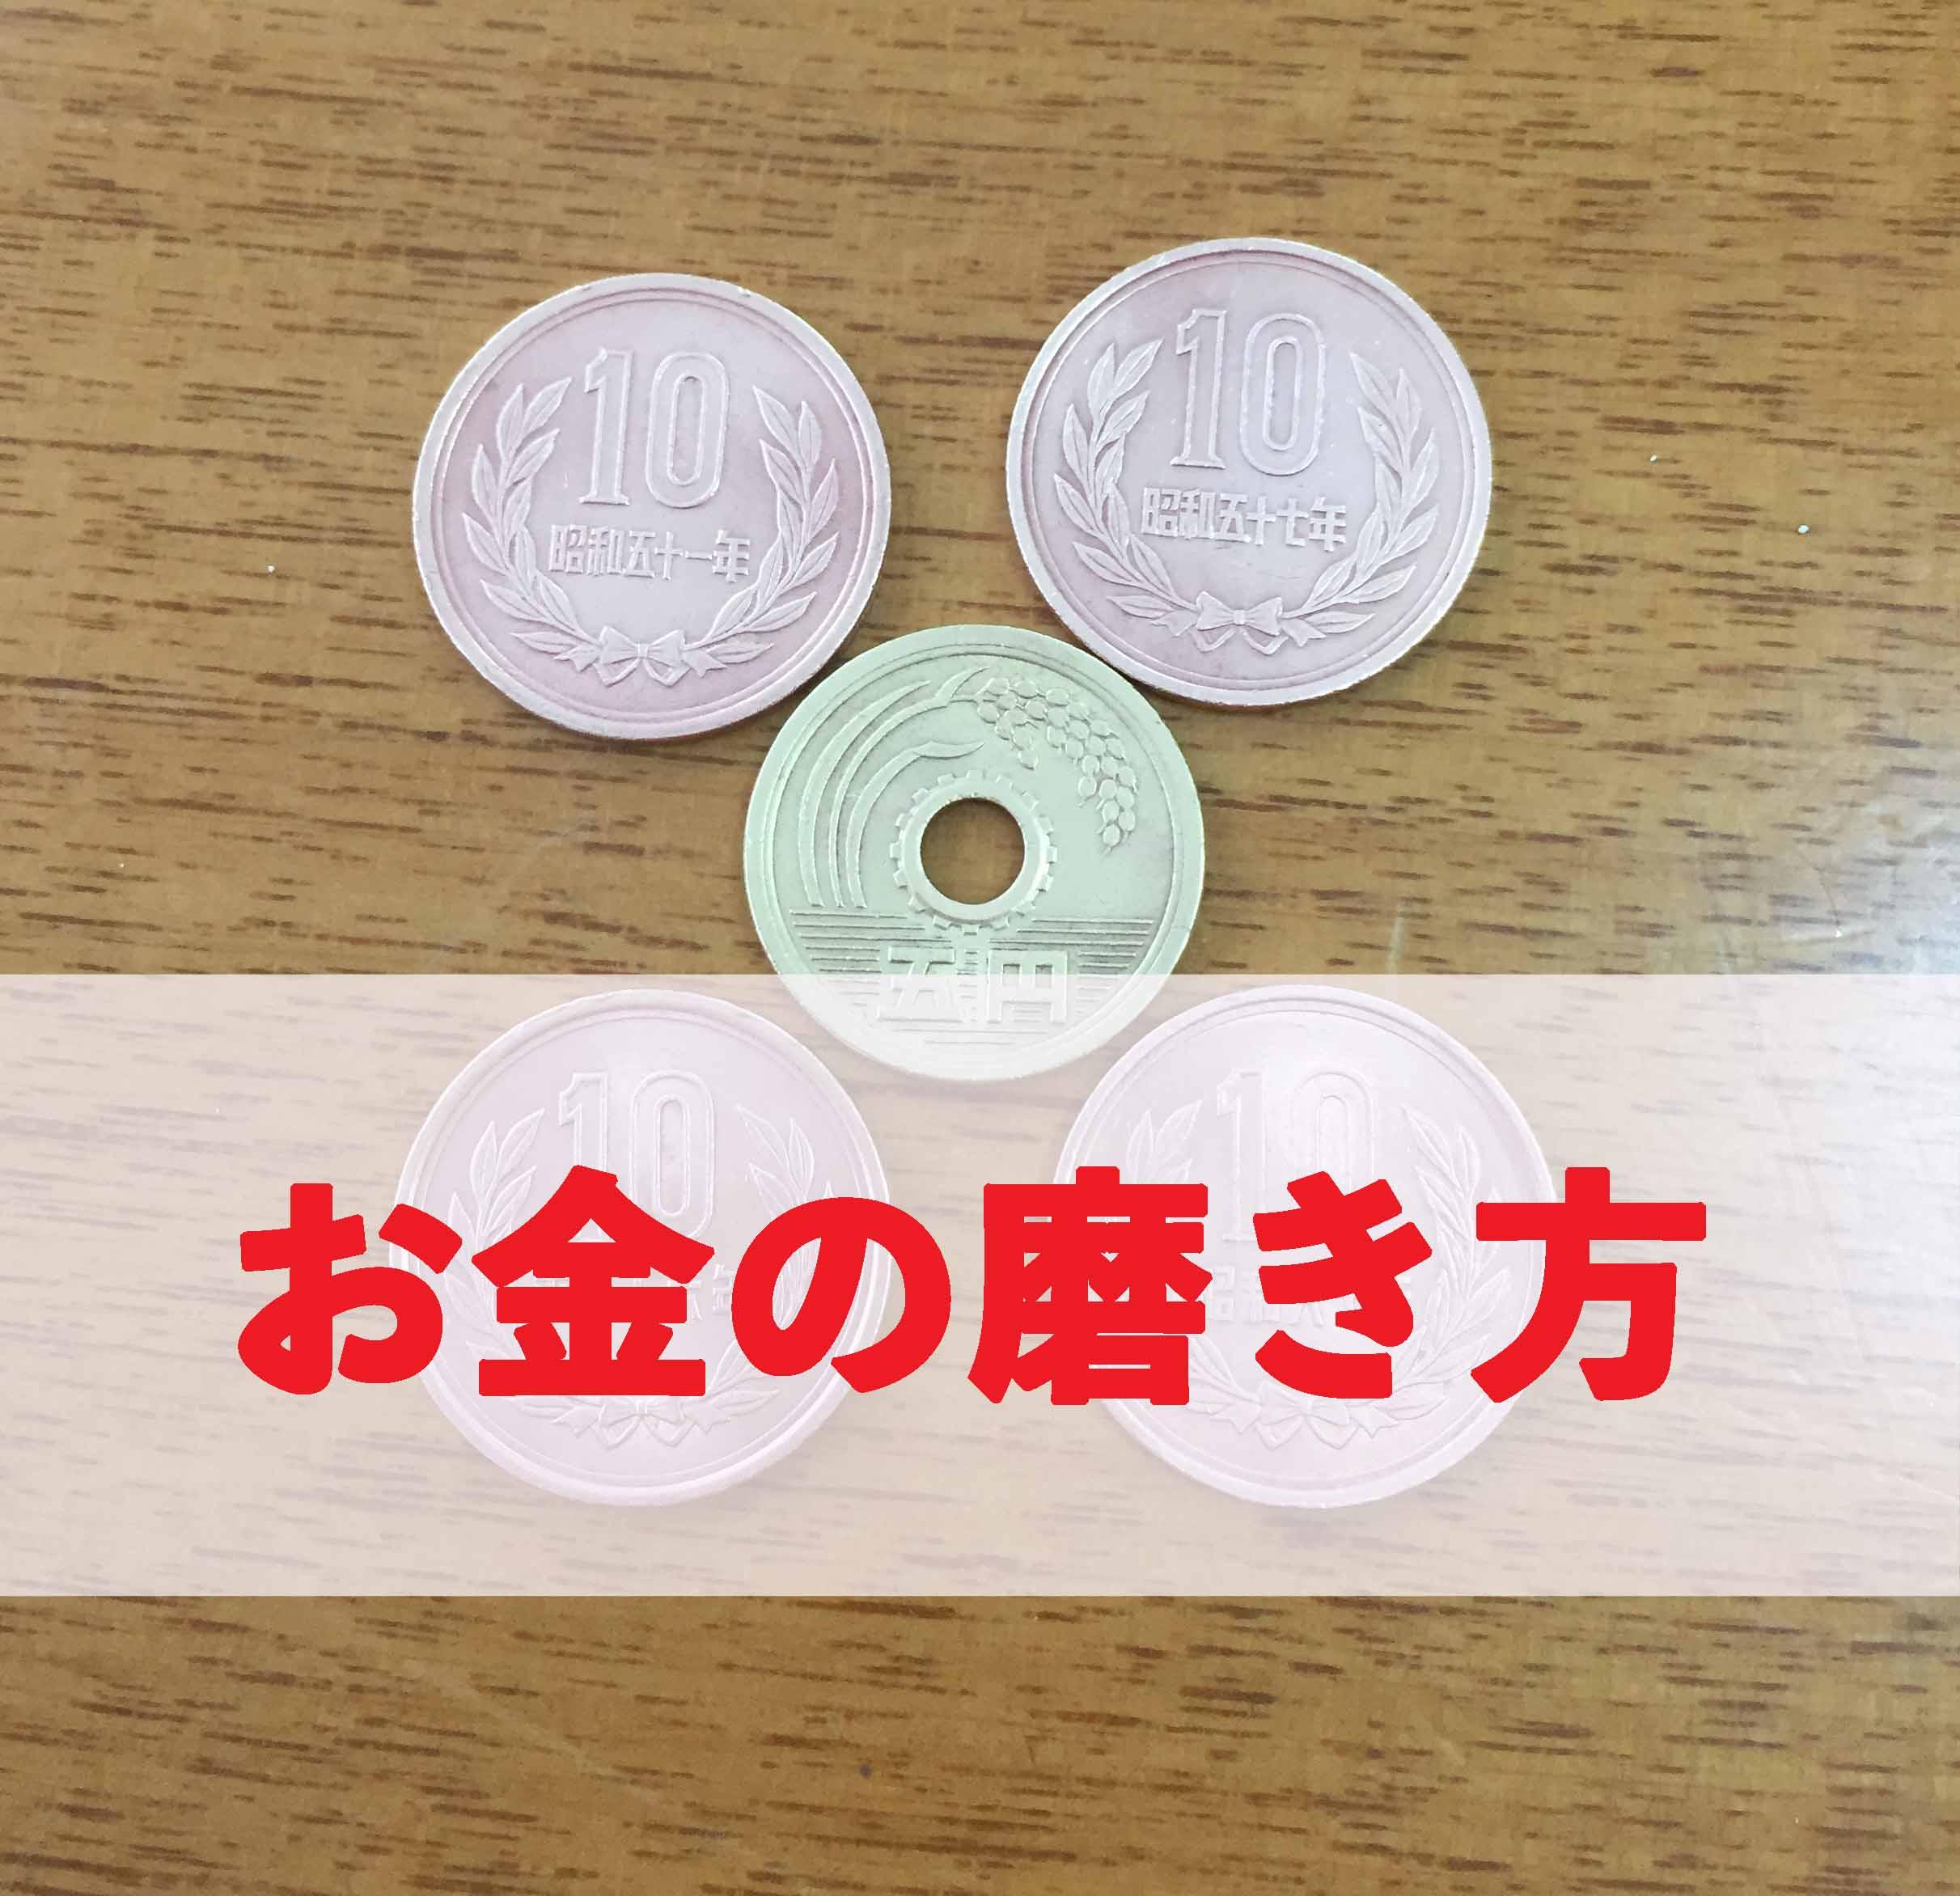 子供と一緒にお金を磨こう♫10円玉5円玉の場合